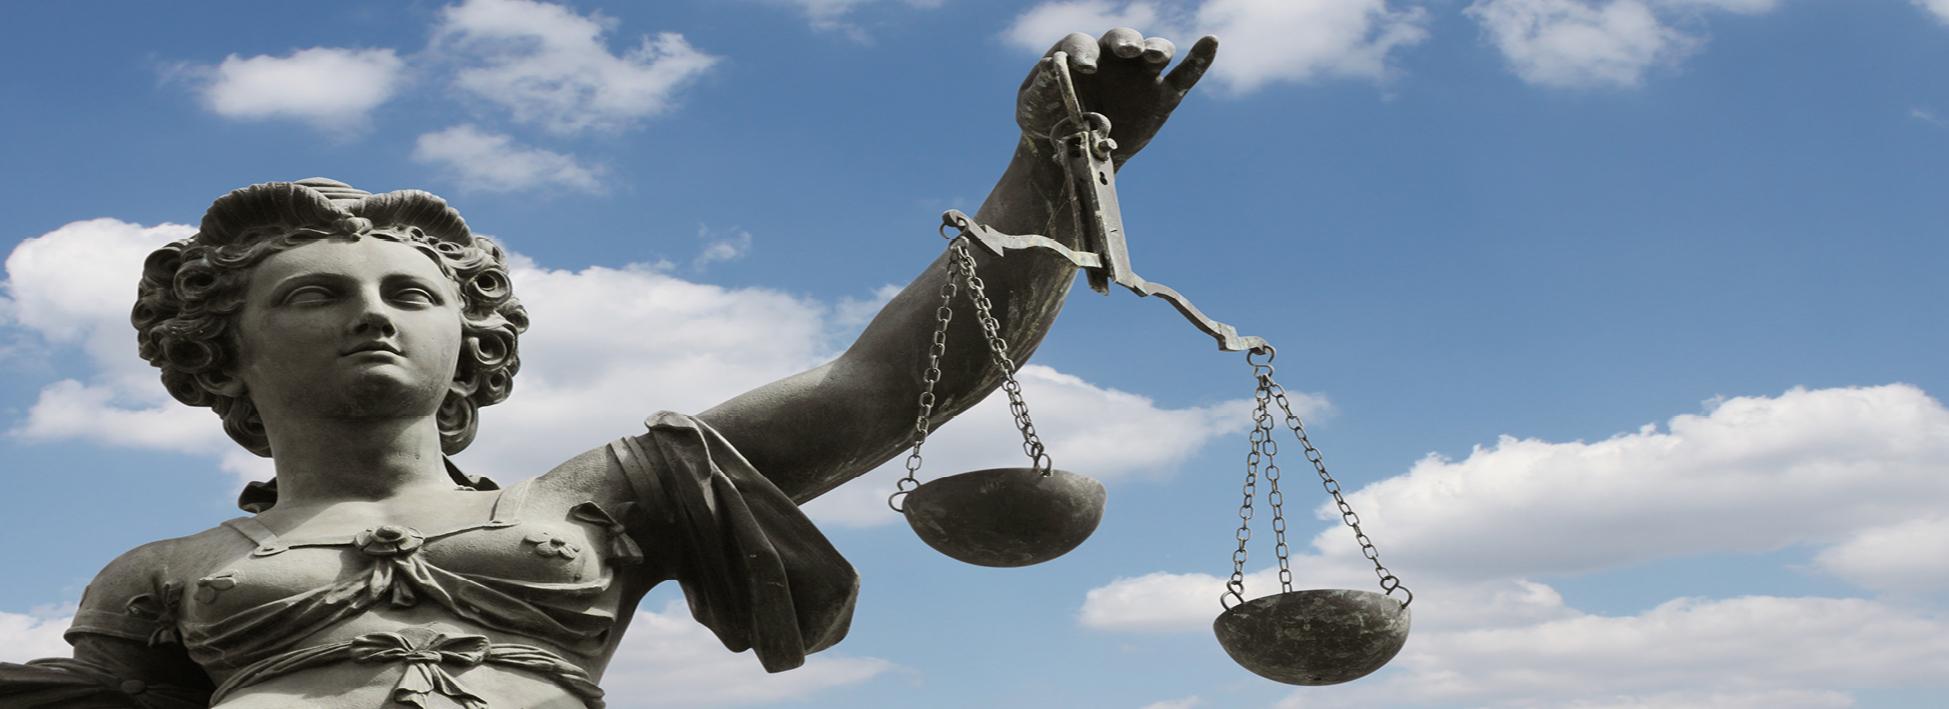 Justice Carrousel